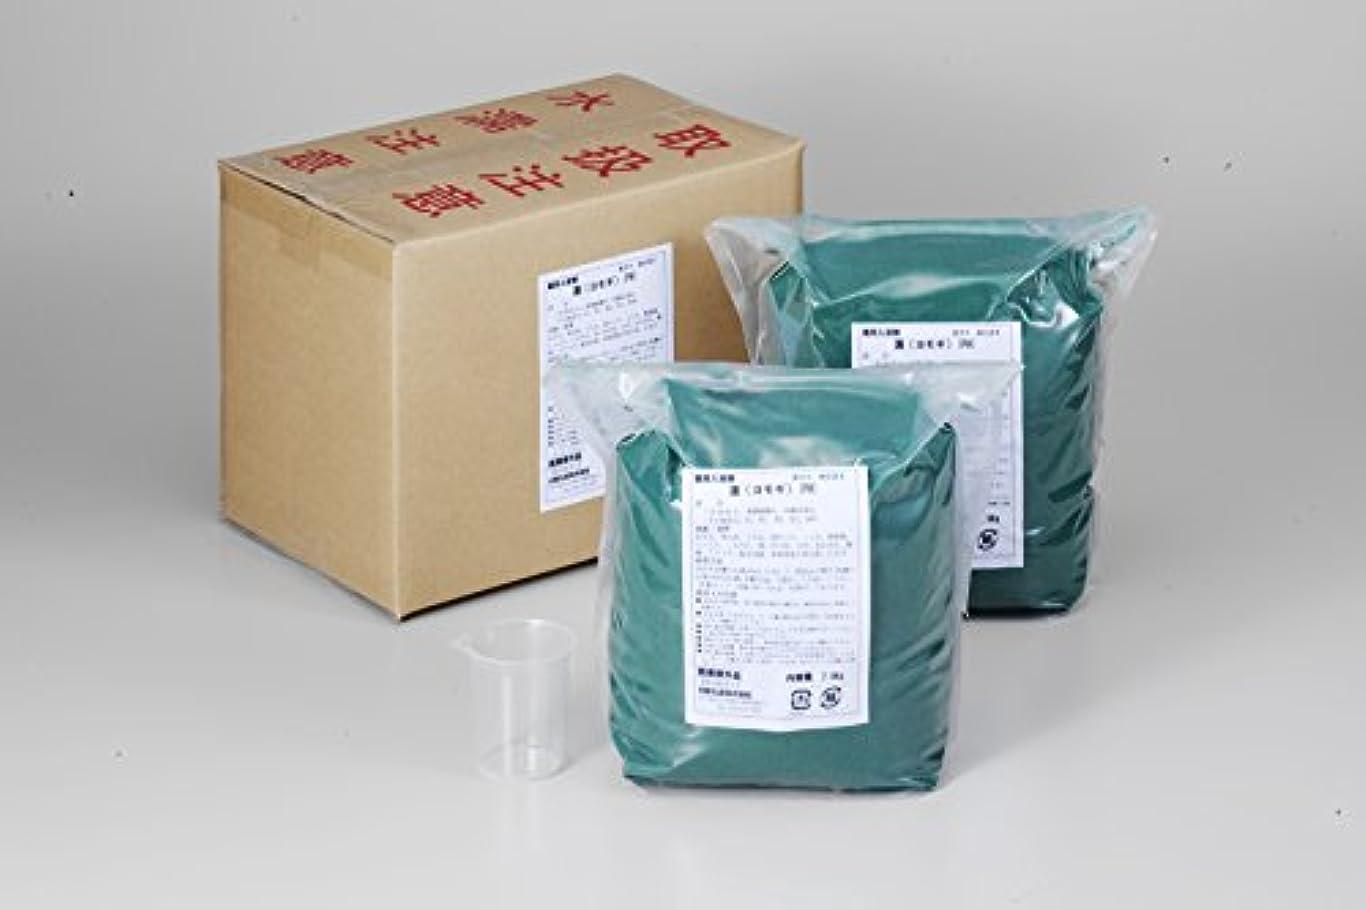 無効乱雑な来て業務用入浴剤「ヨモギ」15kg(7.5kg×2)